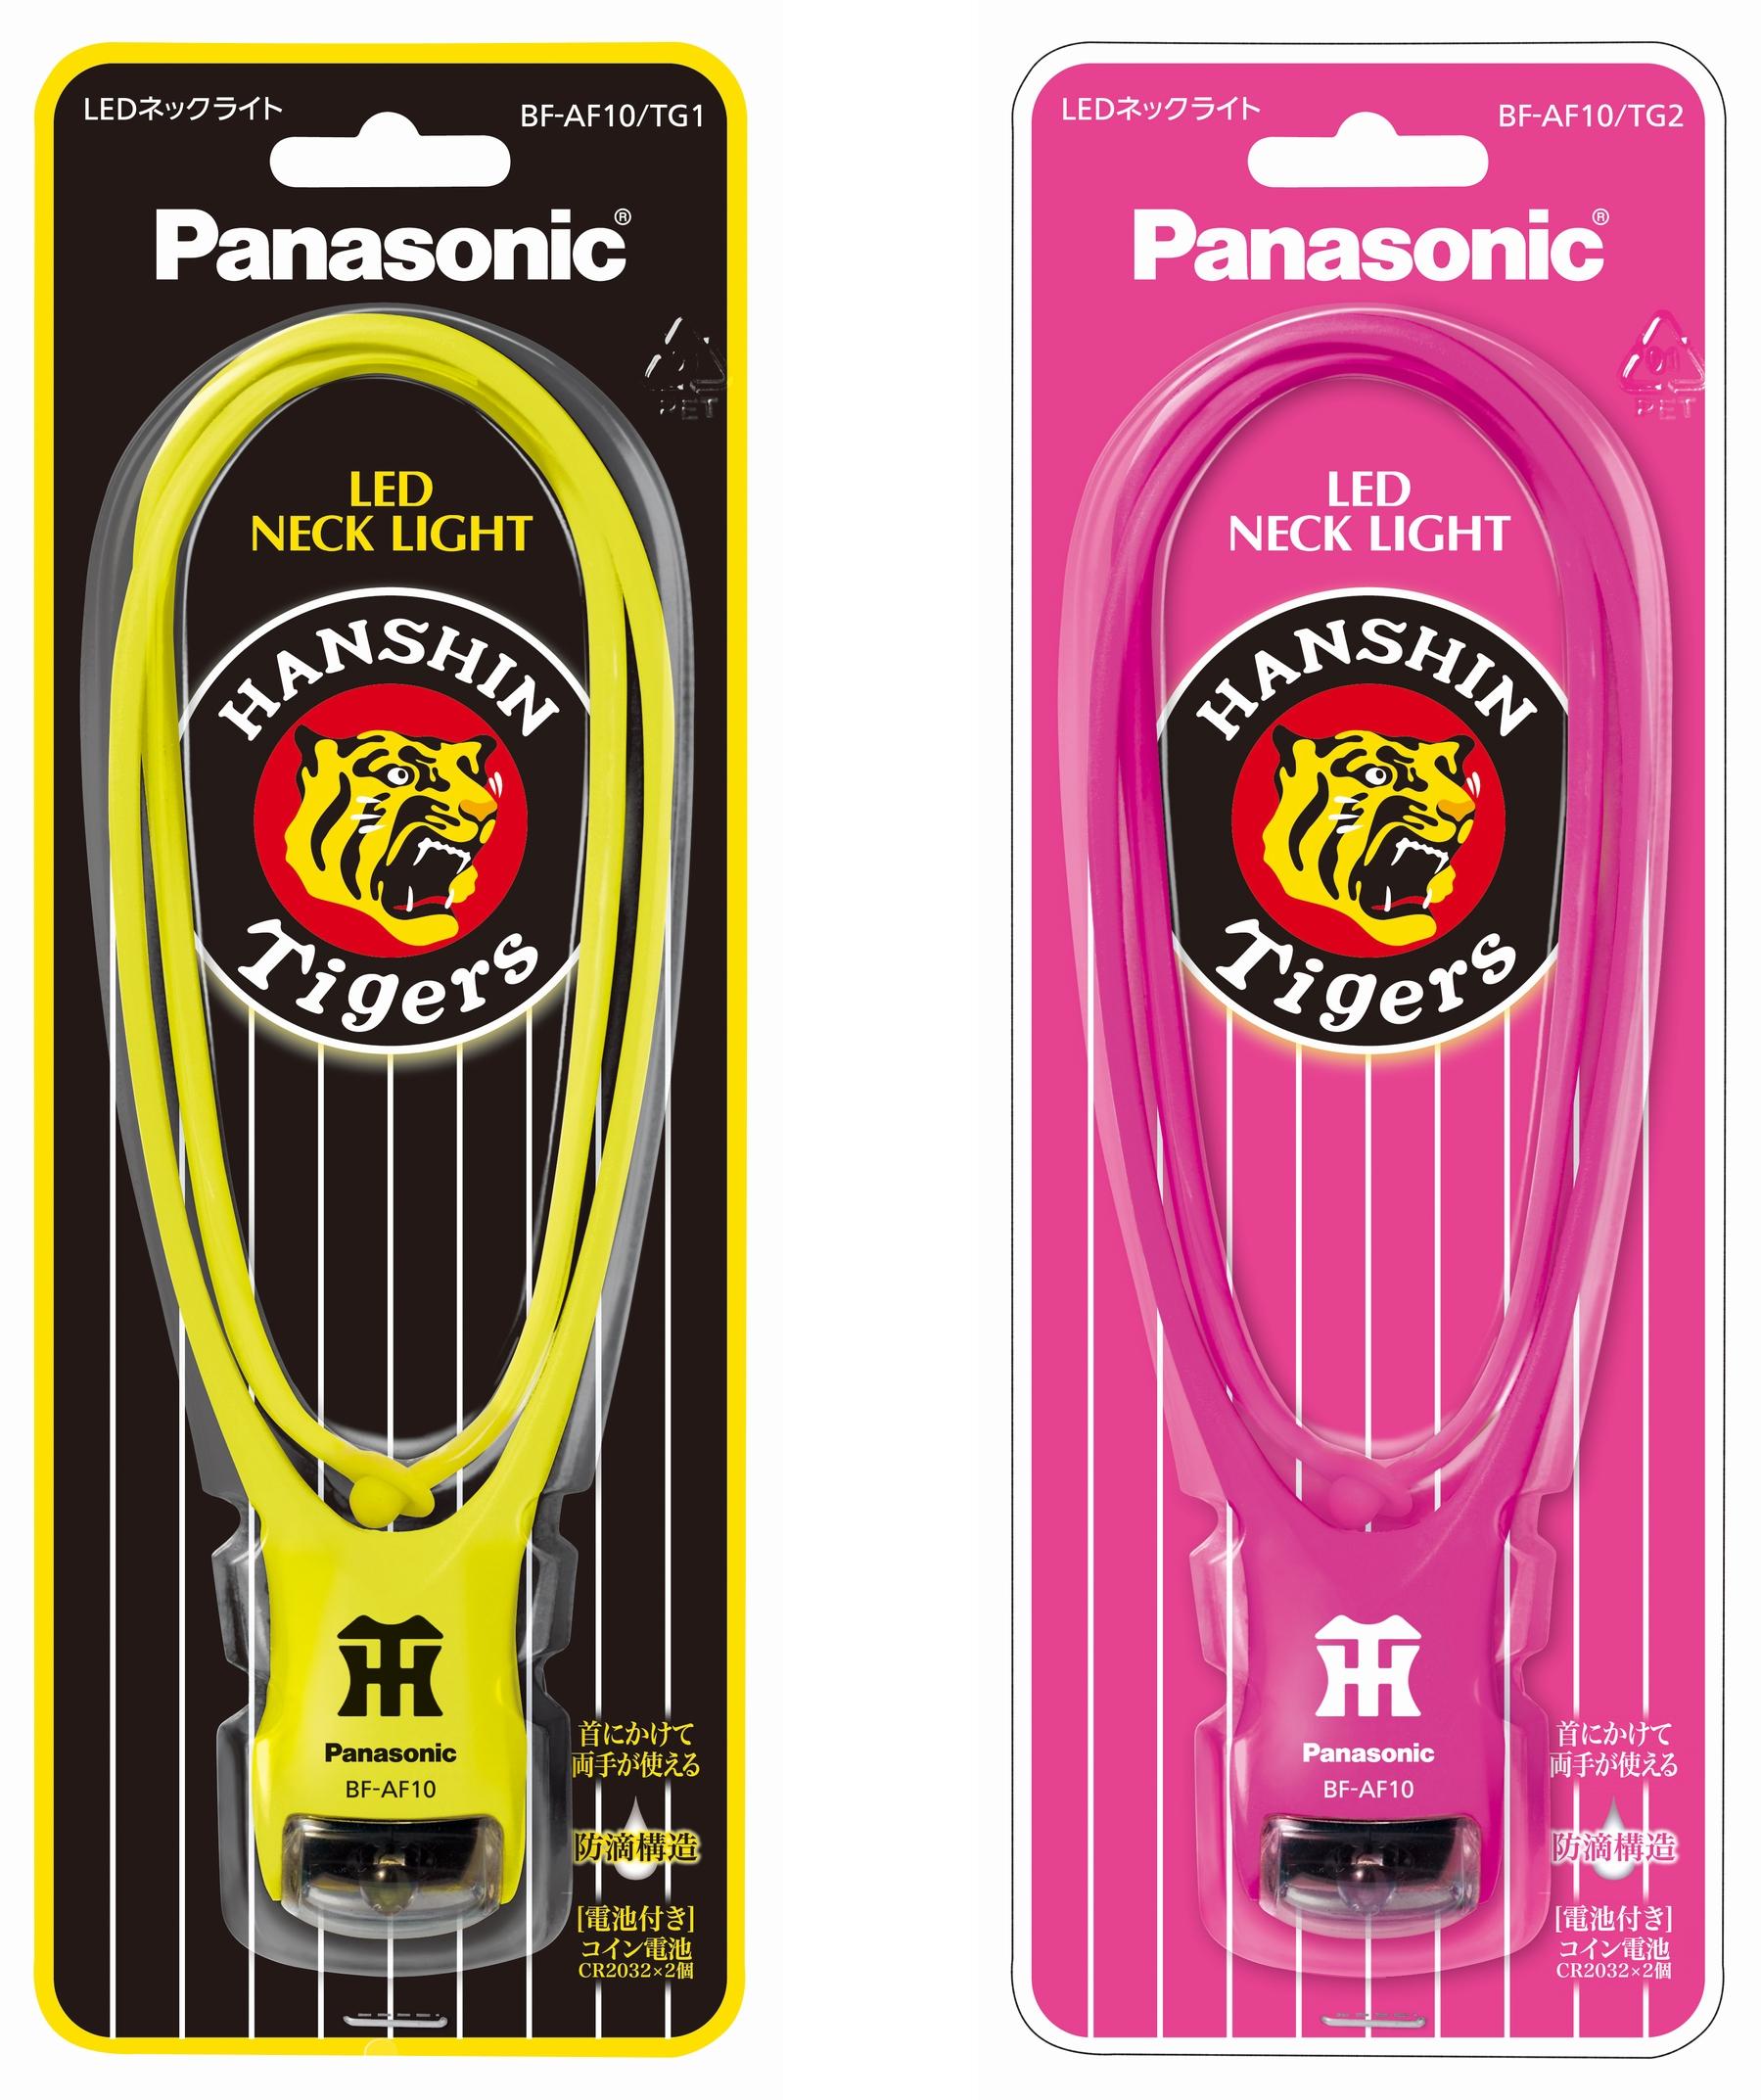 阪神タイガースデザインは、イエローとピンクの2色展開